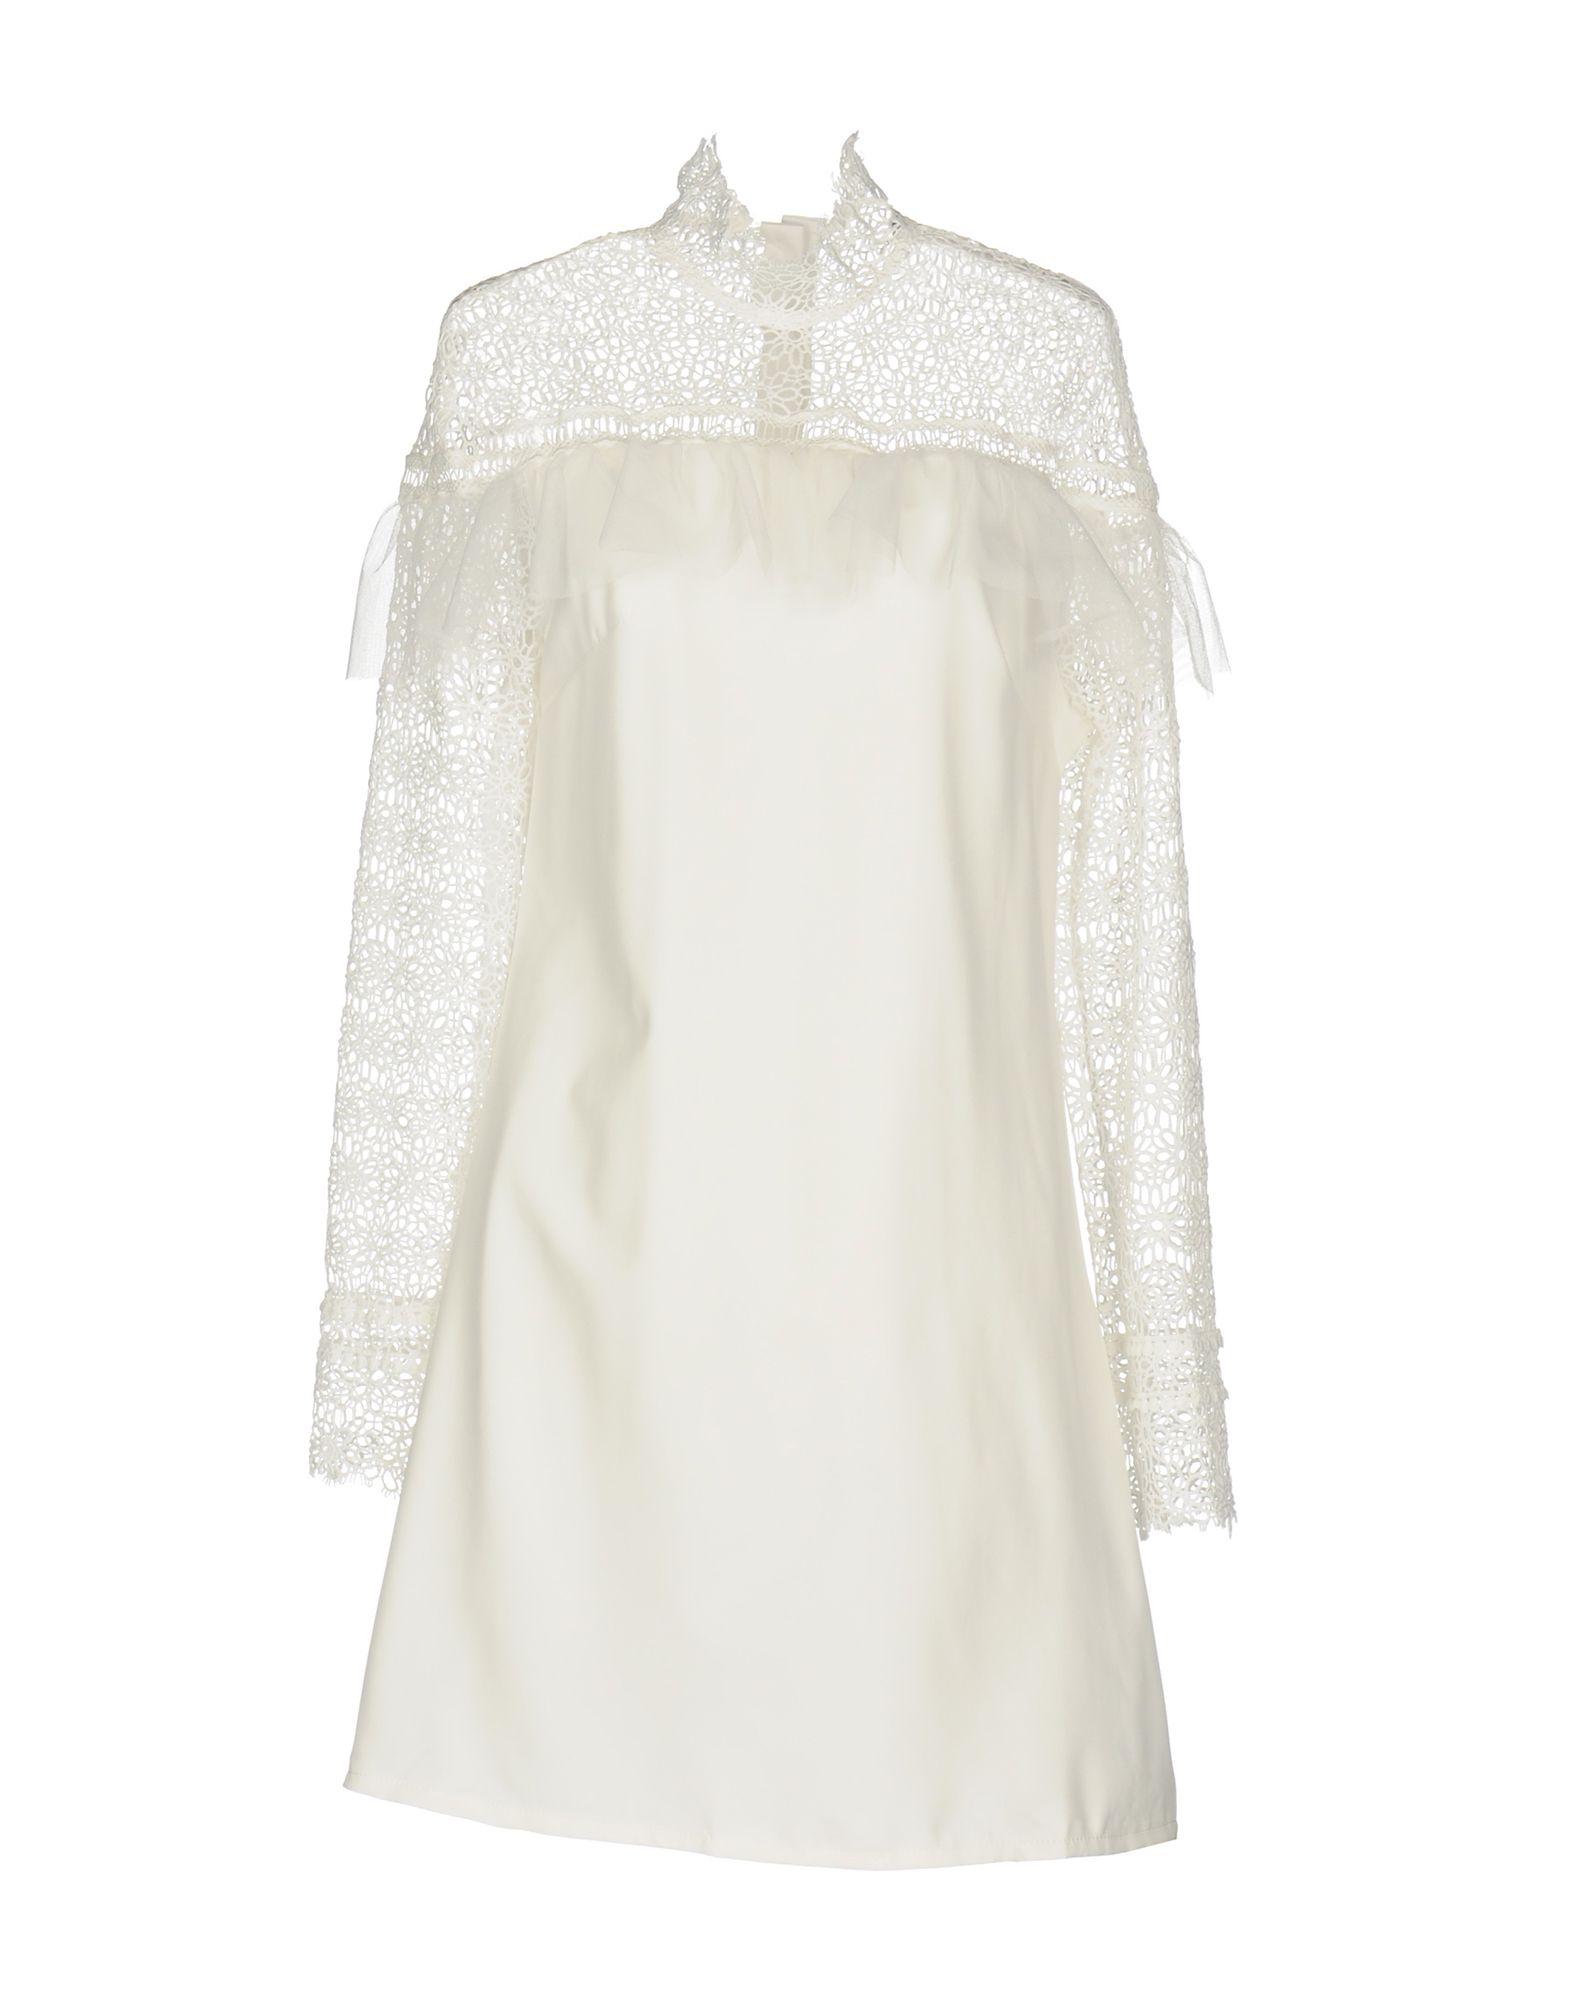 VANESSA SCOTT Damen Kurzes Kleid Farbe Weiß Größe 6 - broschei